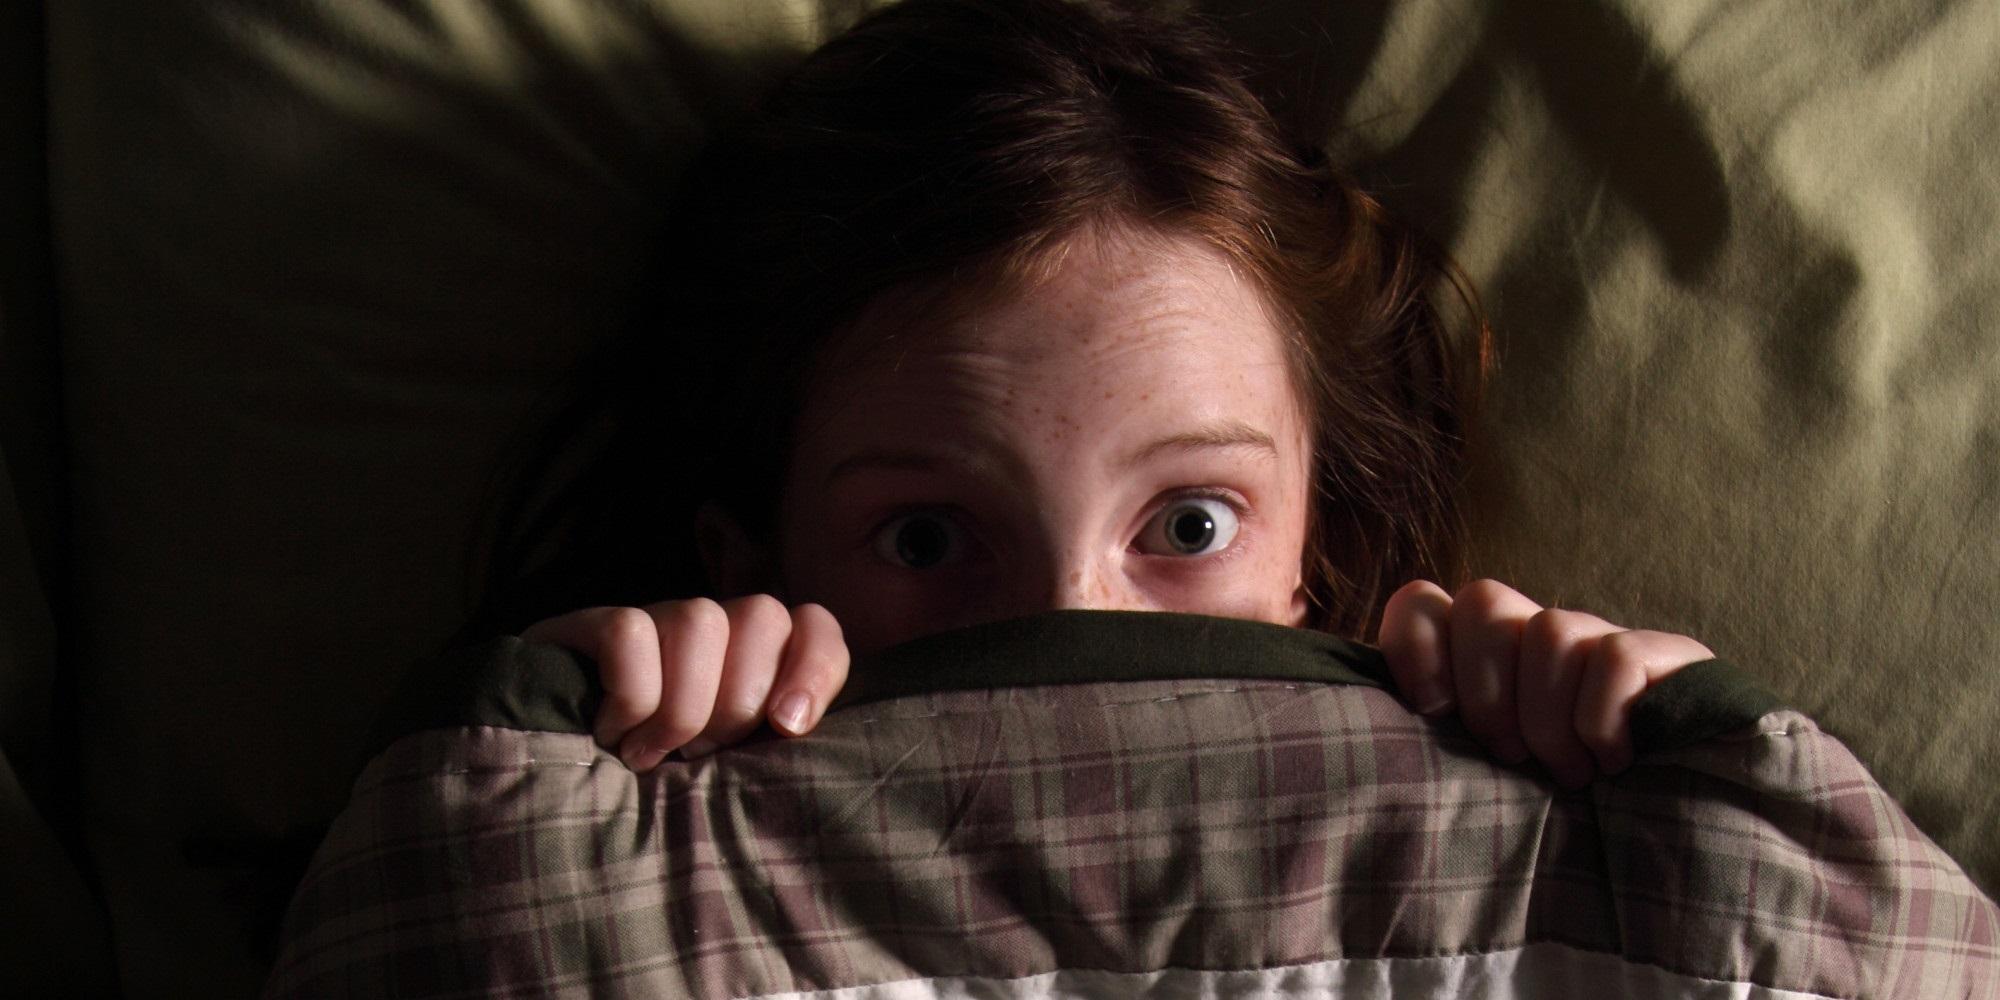 Картинка по теме: Боюсь спать? Есть защитная молитва на сон грядущий